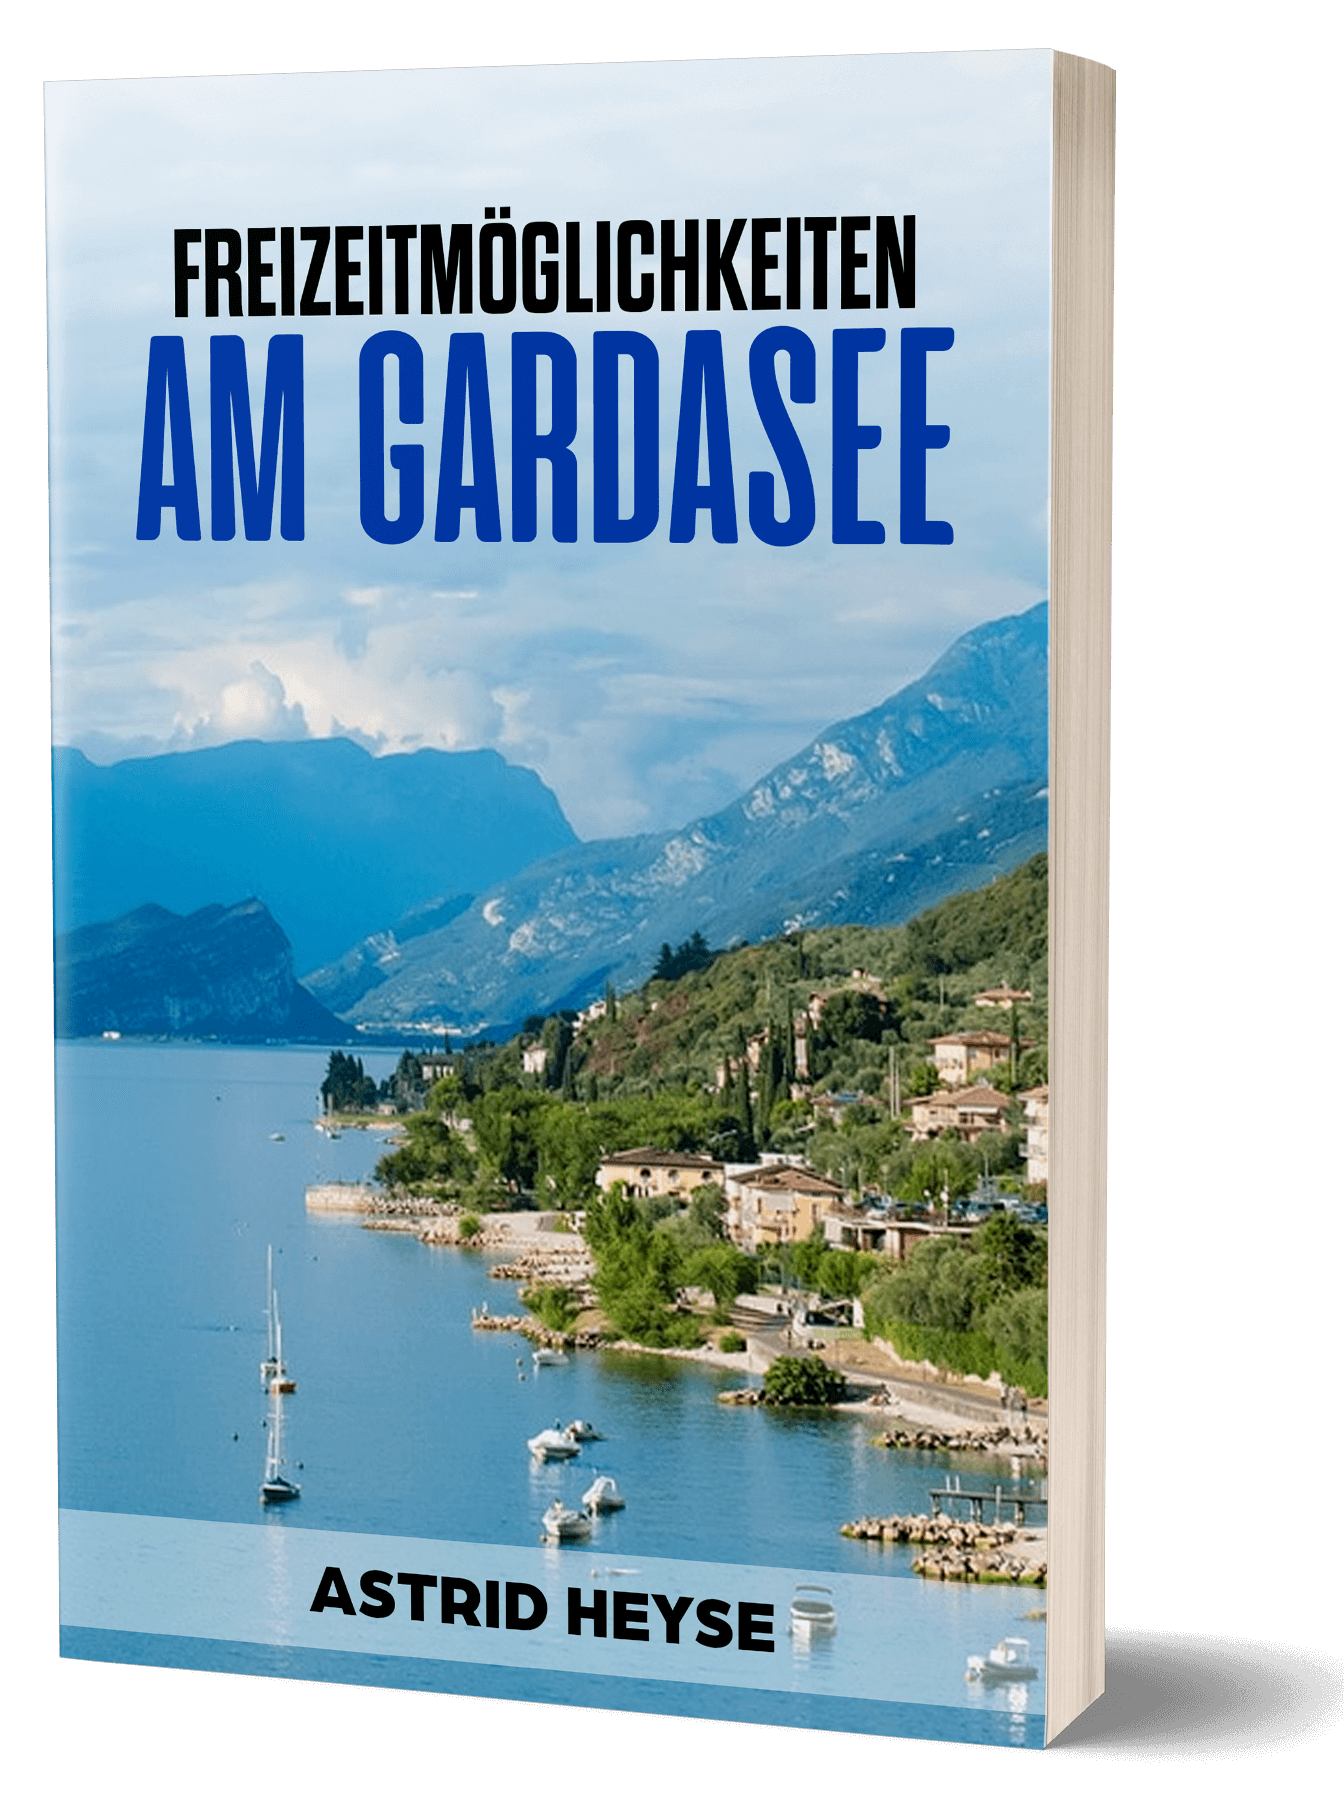 Freizeitmöglichkeiten am Gardasee